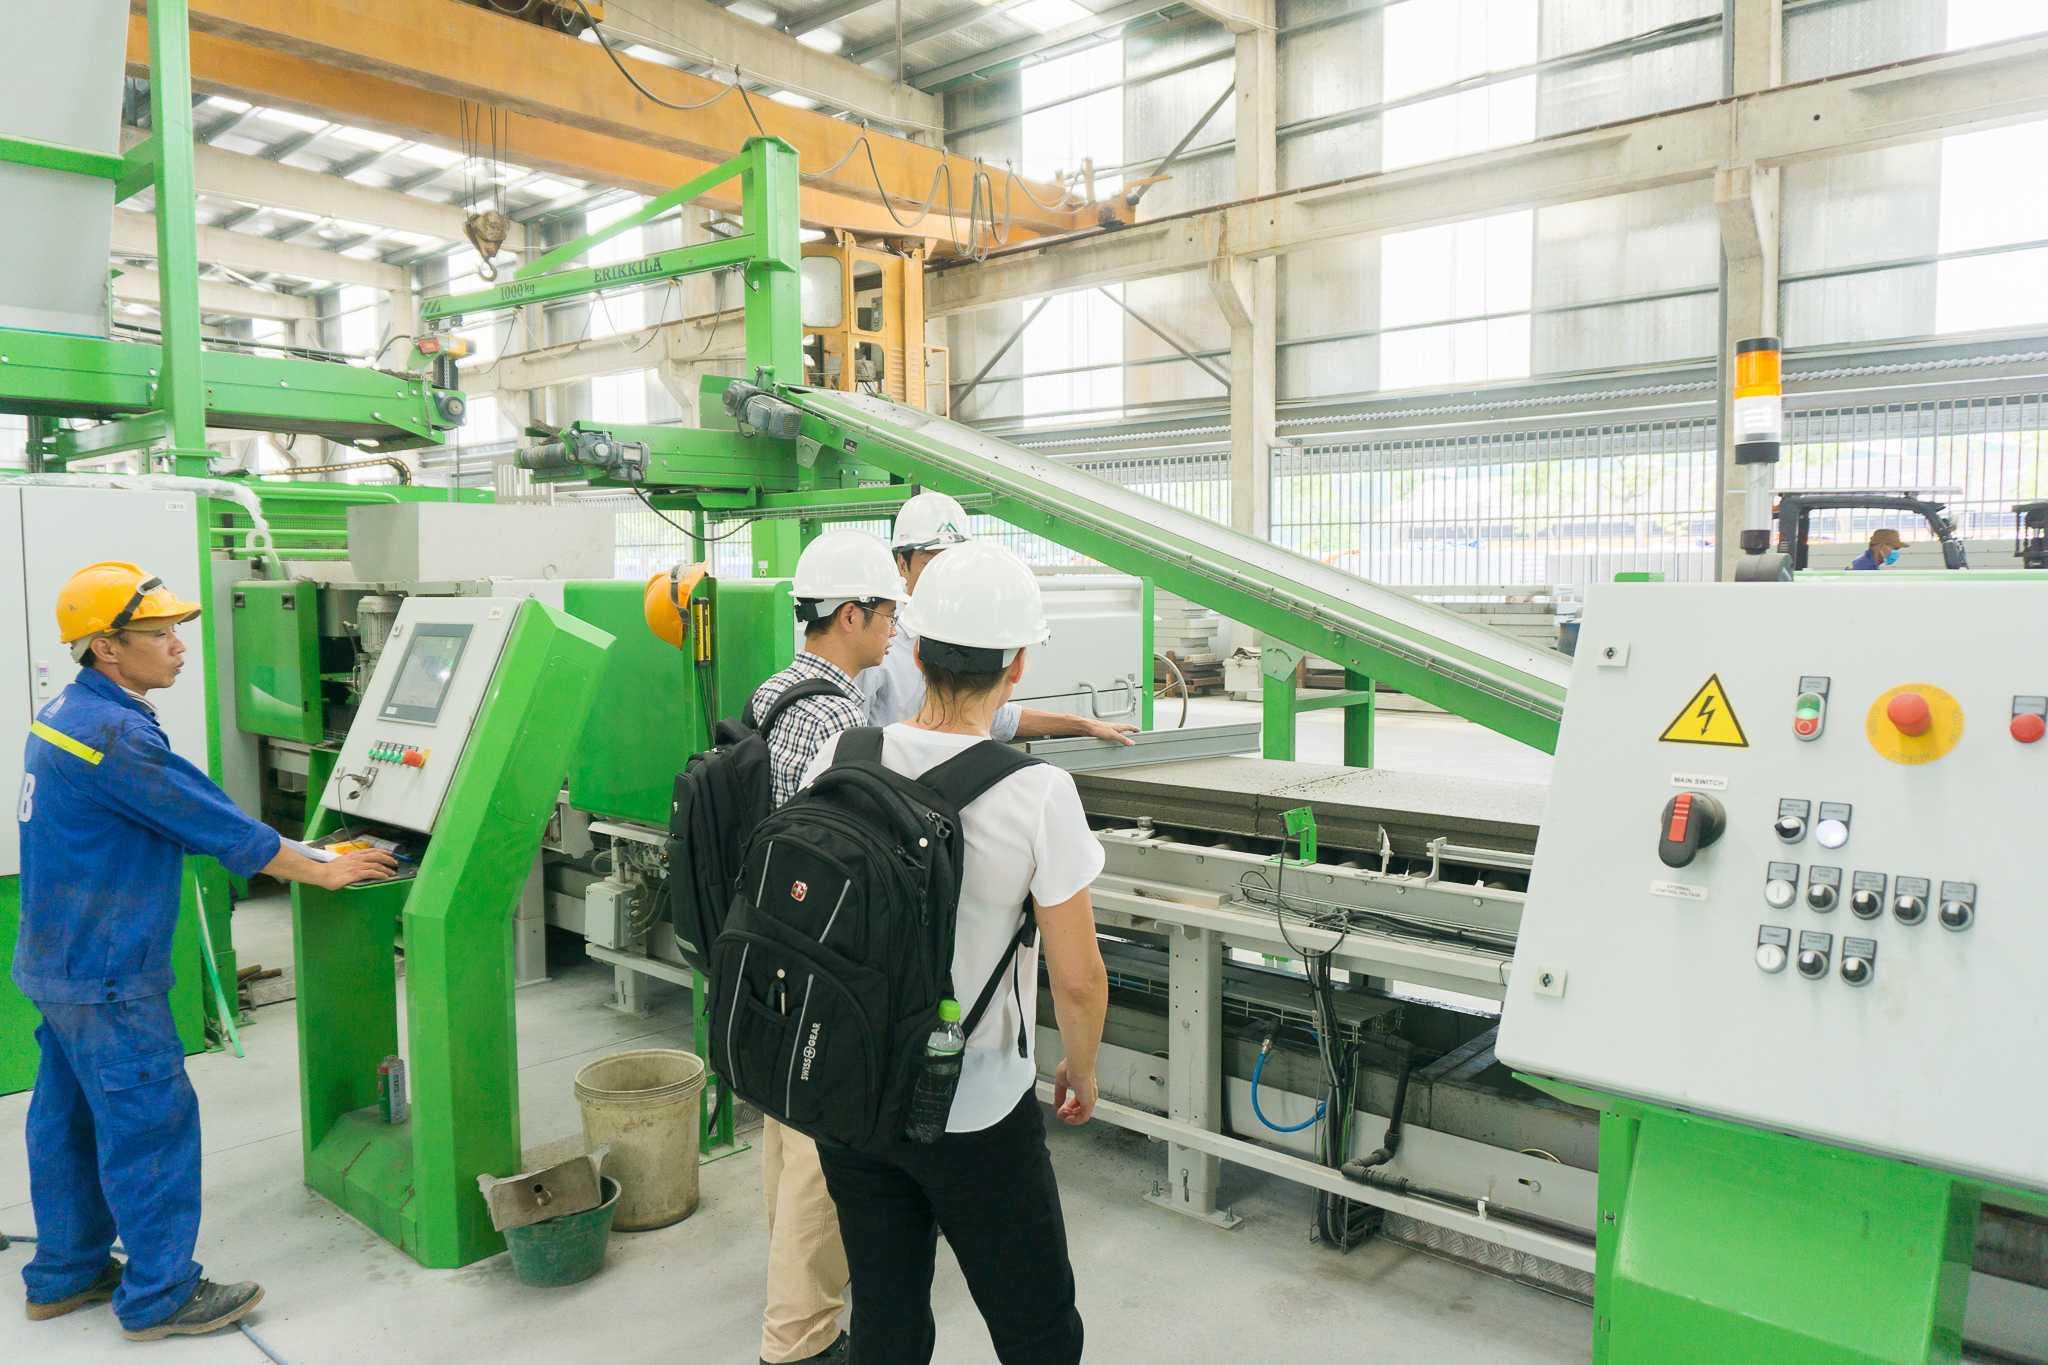 Thực trạng về sản xuất và tiêu thụ gạch không nung ở Việt Nam, một số đề xuất về giải pháp thúc đẩy của doanh nghiệp